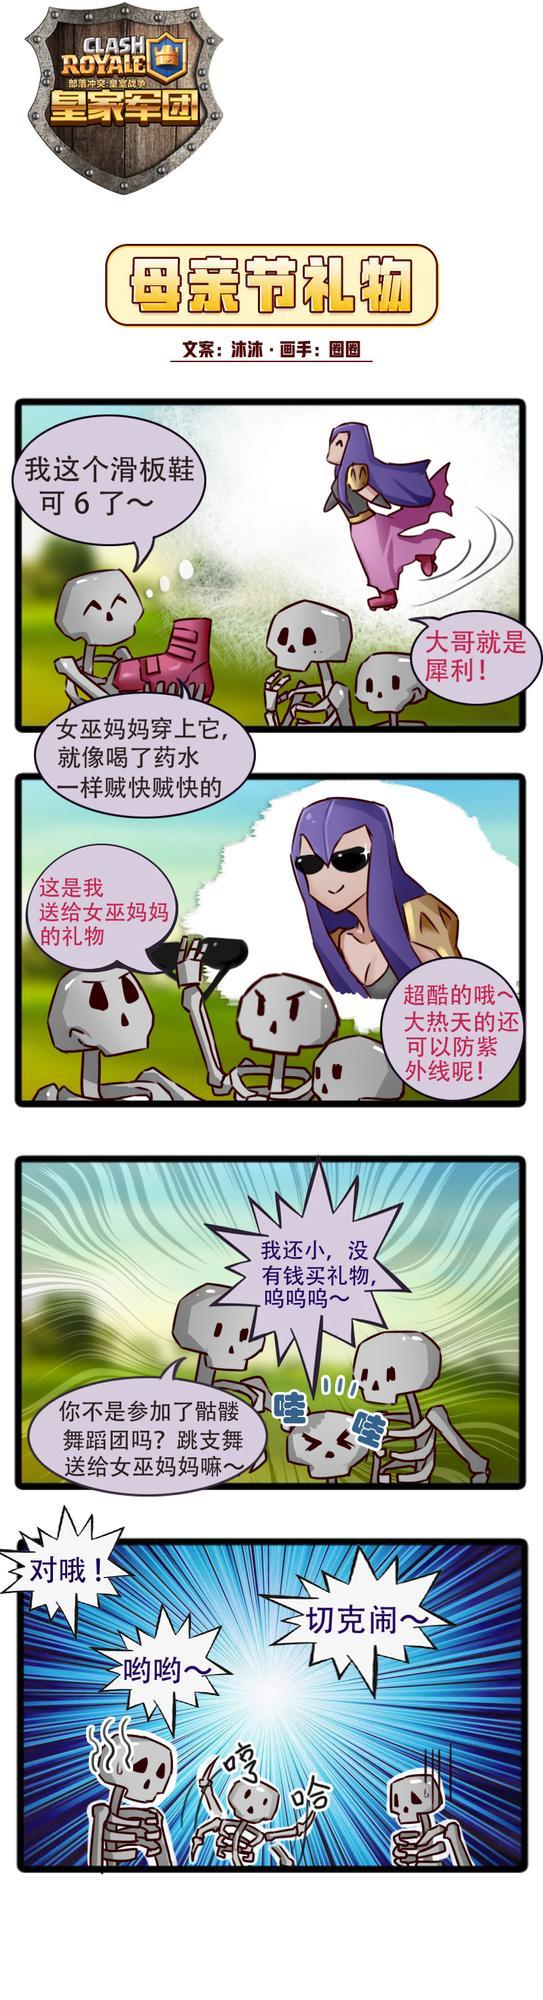 【四格漫画】母亲节礼物